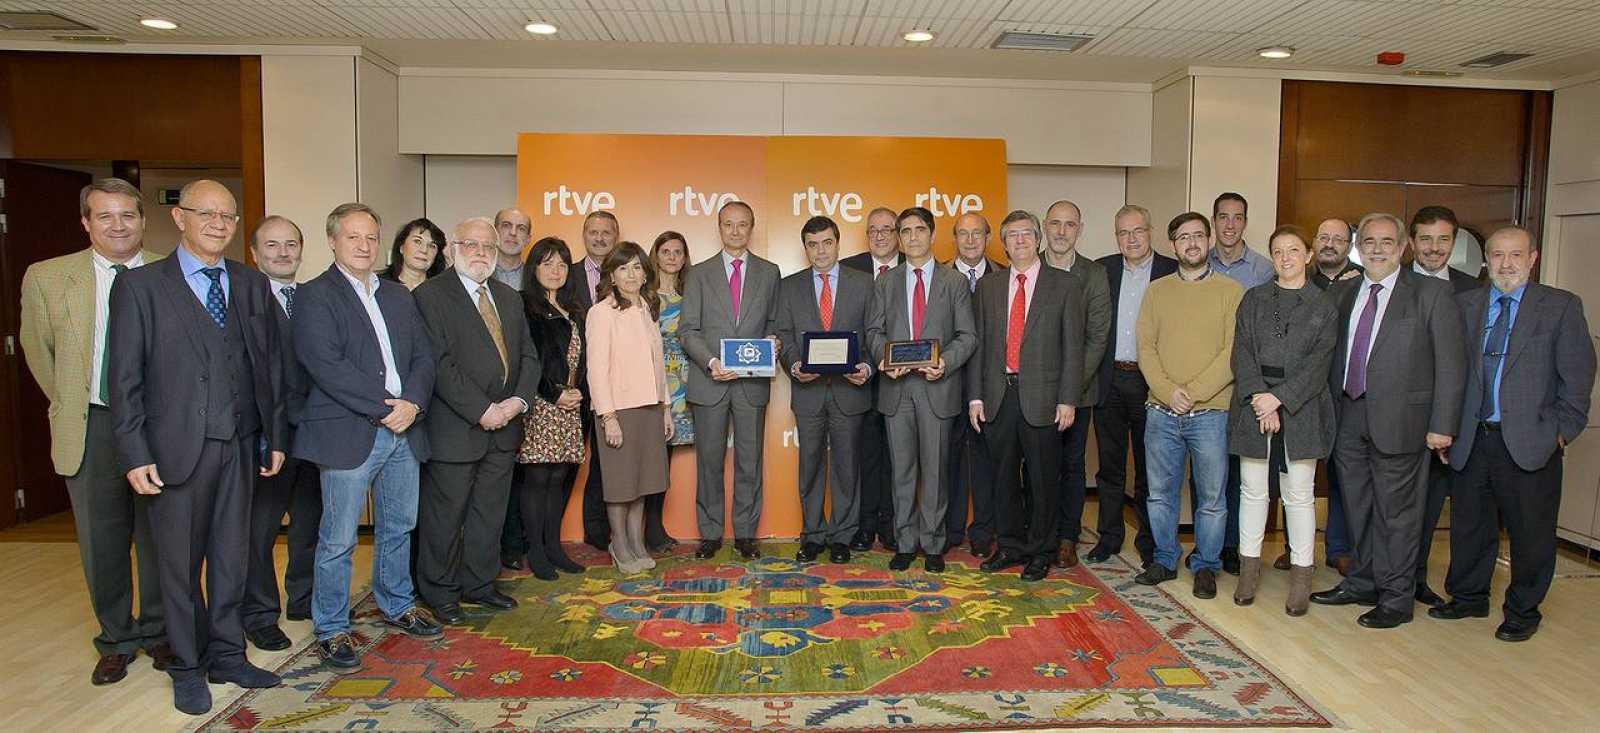 Los programas religiosos de RTVE cumplen 30 años